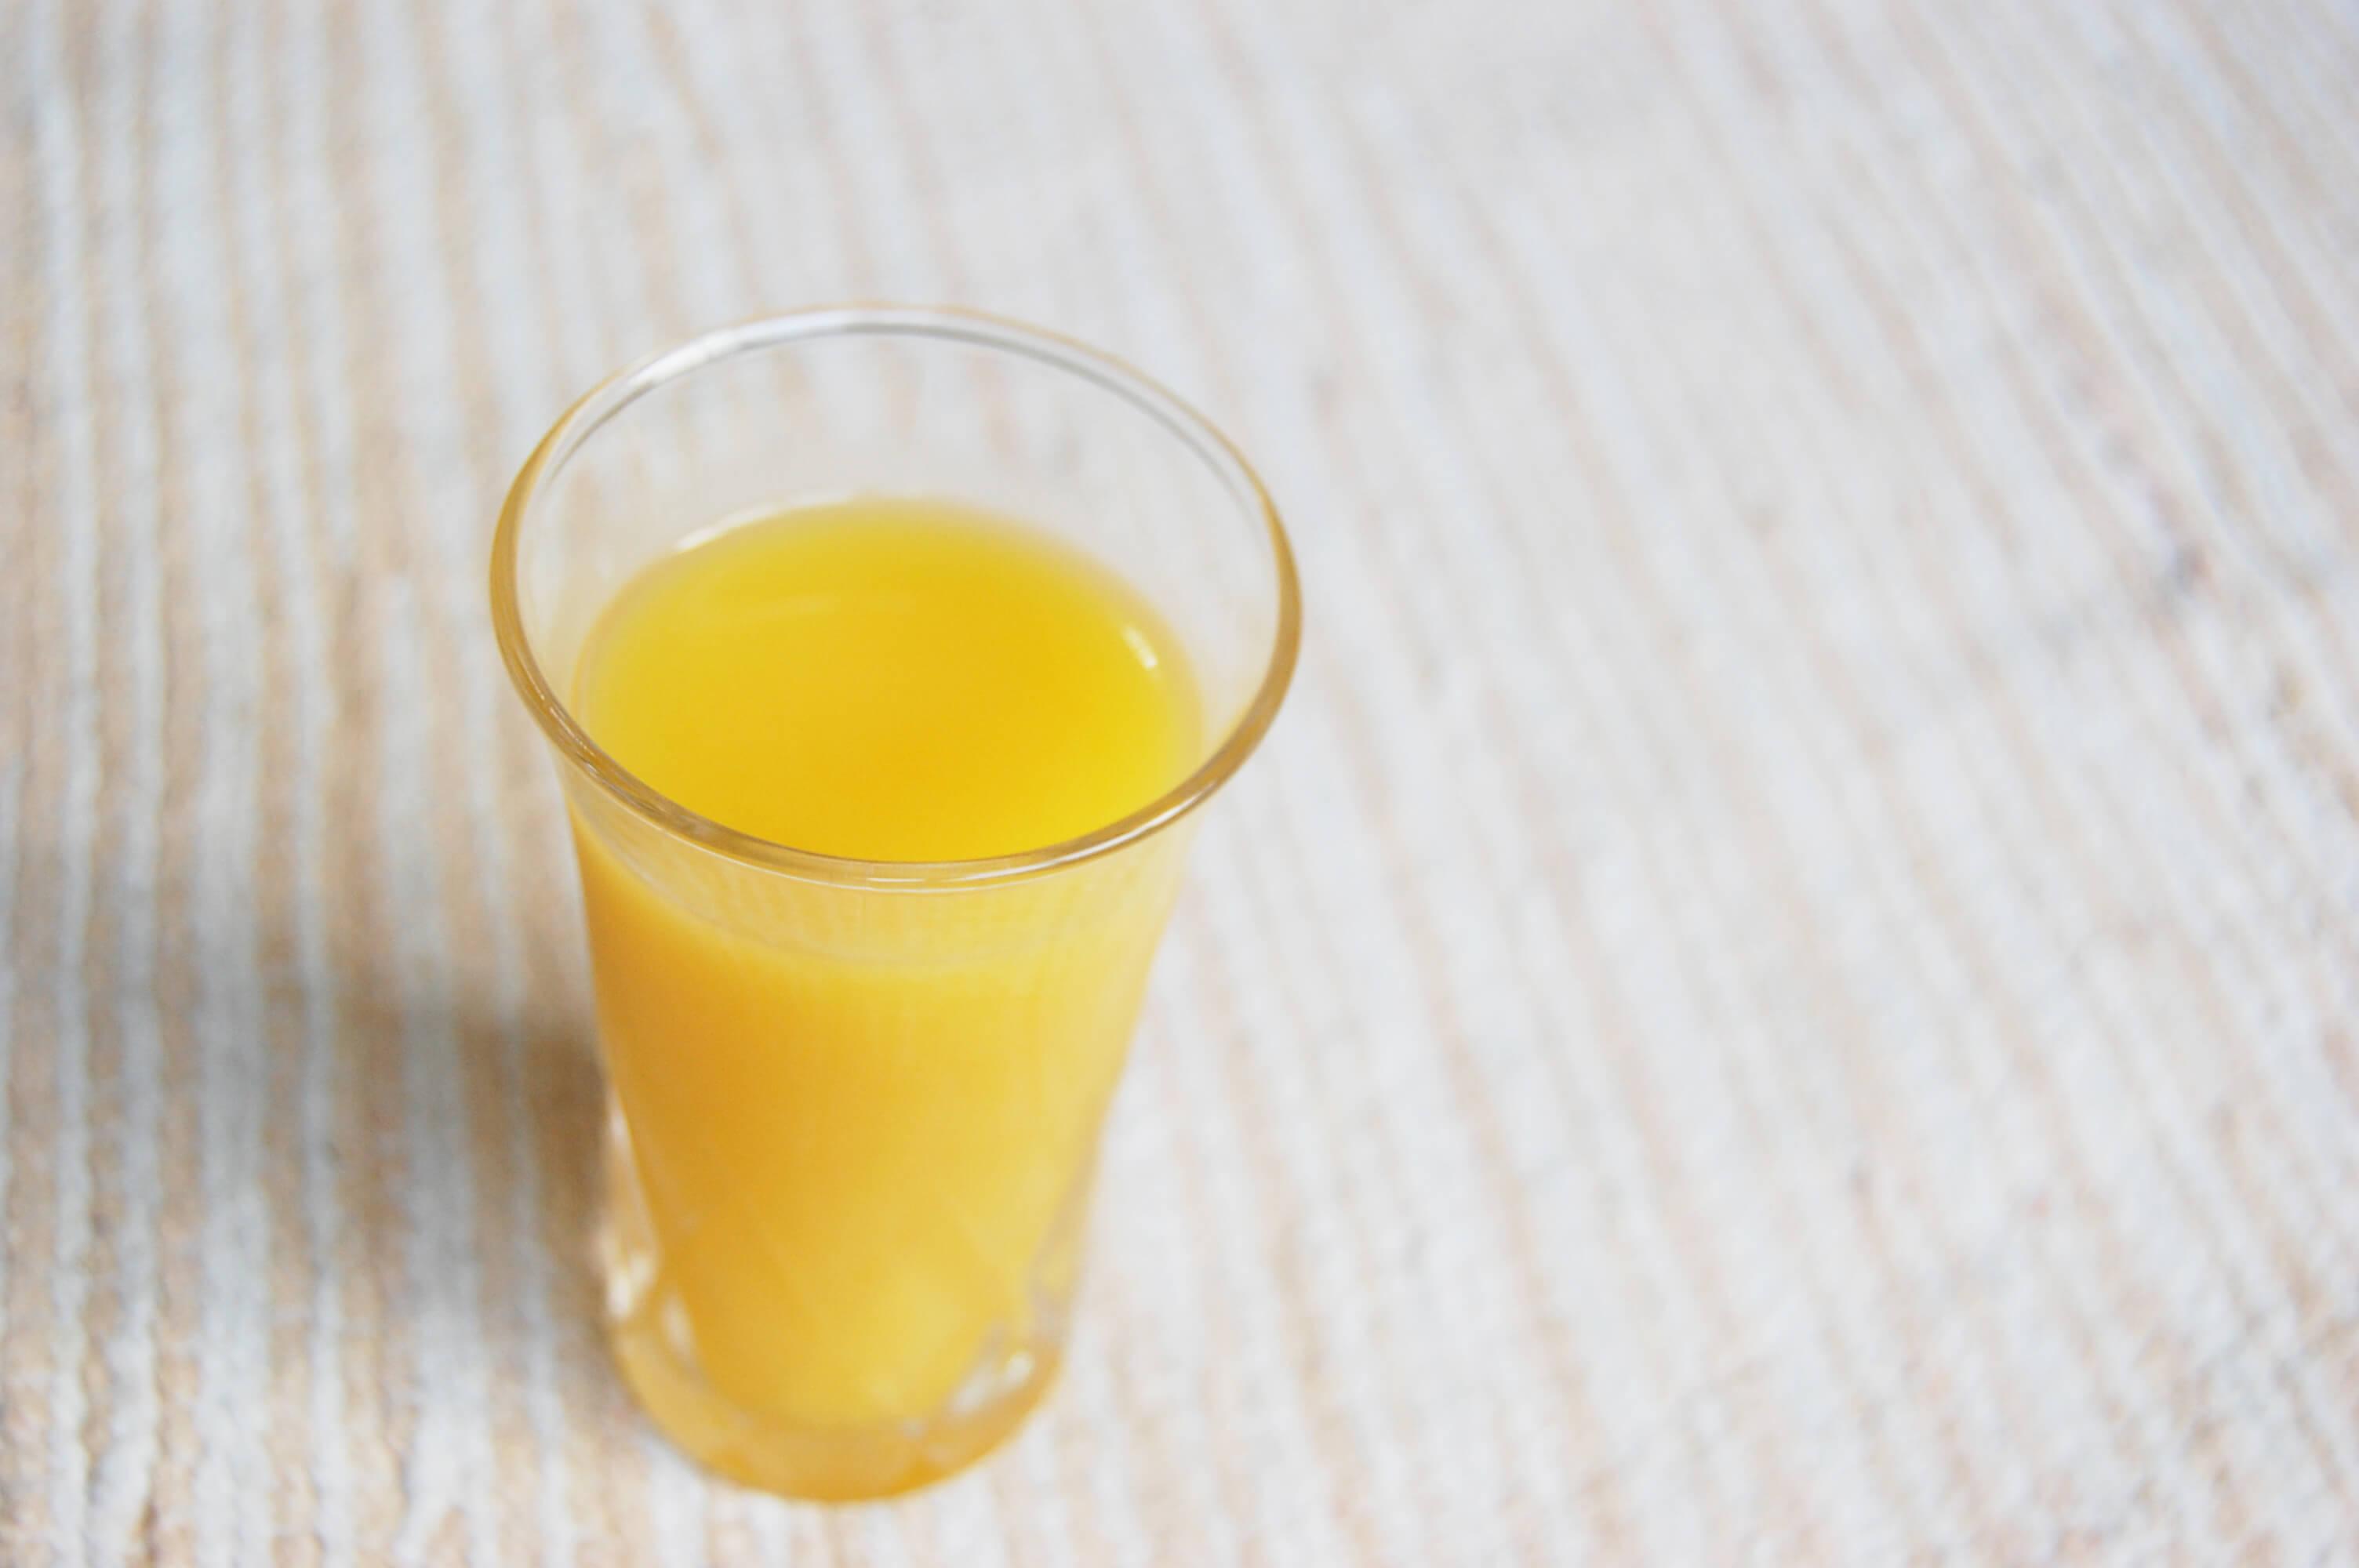 コップに入ったオレンジジュース